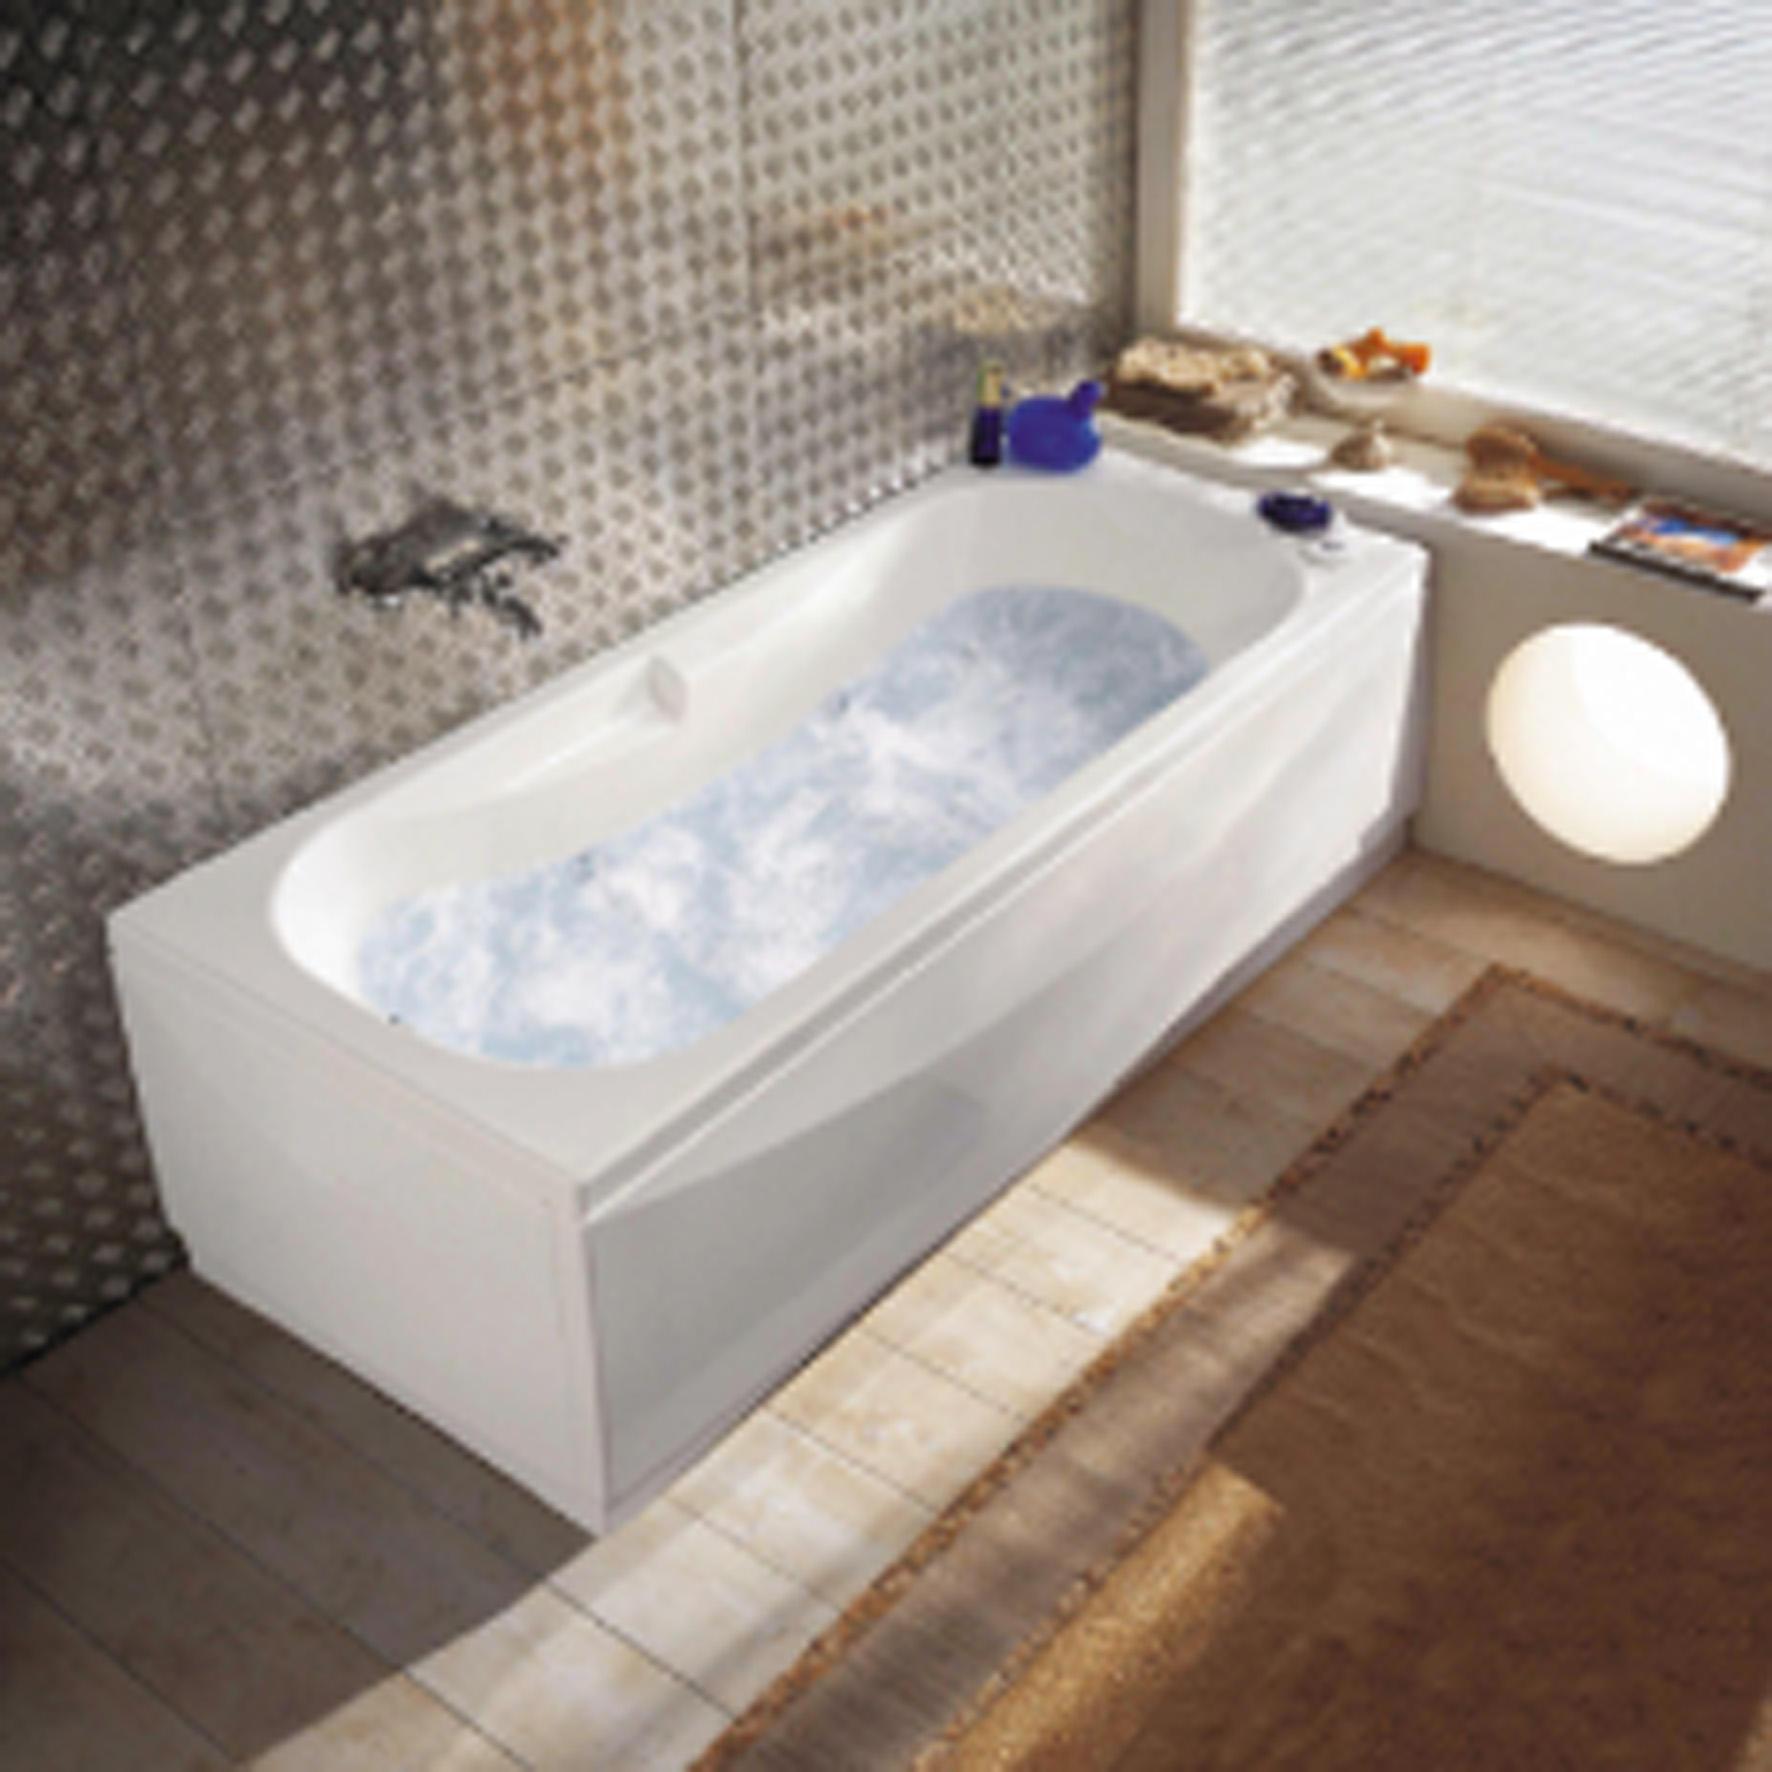 Vasca idromassaggio rettangolare Egeria,bianco ,170, 70 cm, 6 bocchette, - 1